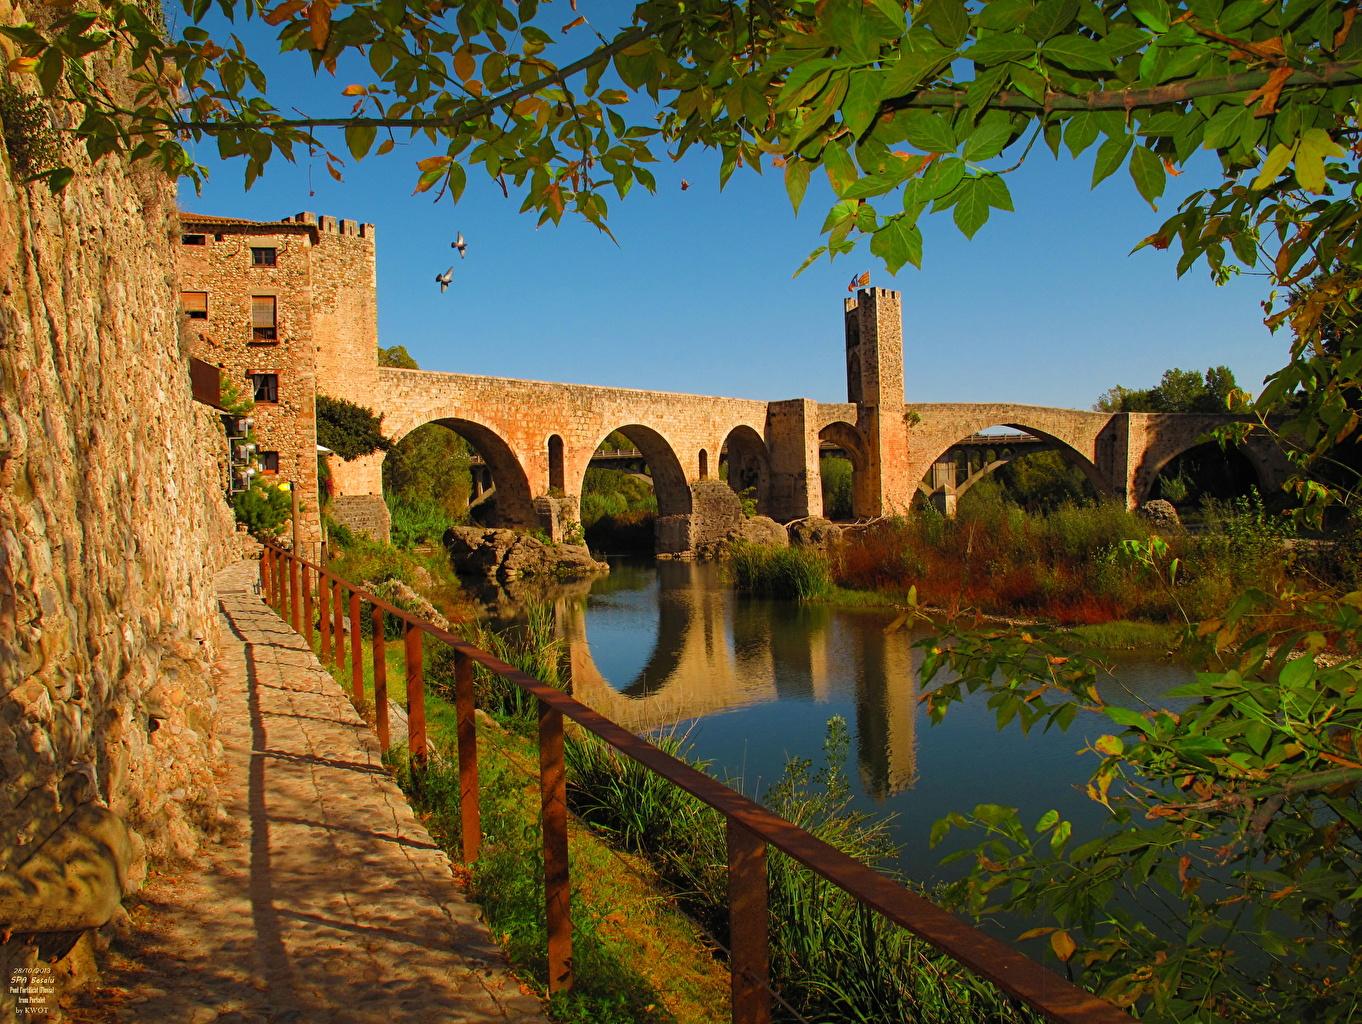 Обои для рабочего стола Испания Catalunya Besalu Мосты забора Города мост Забор ограда забором город